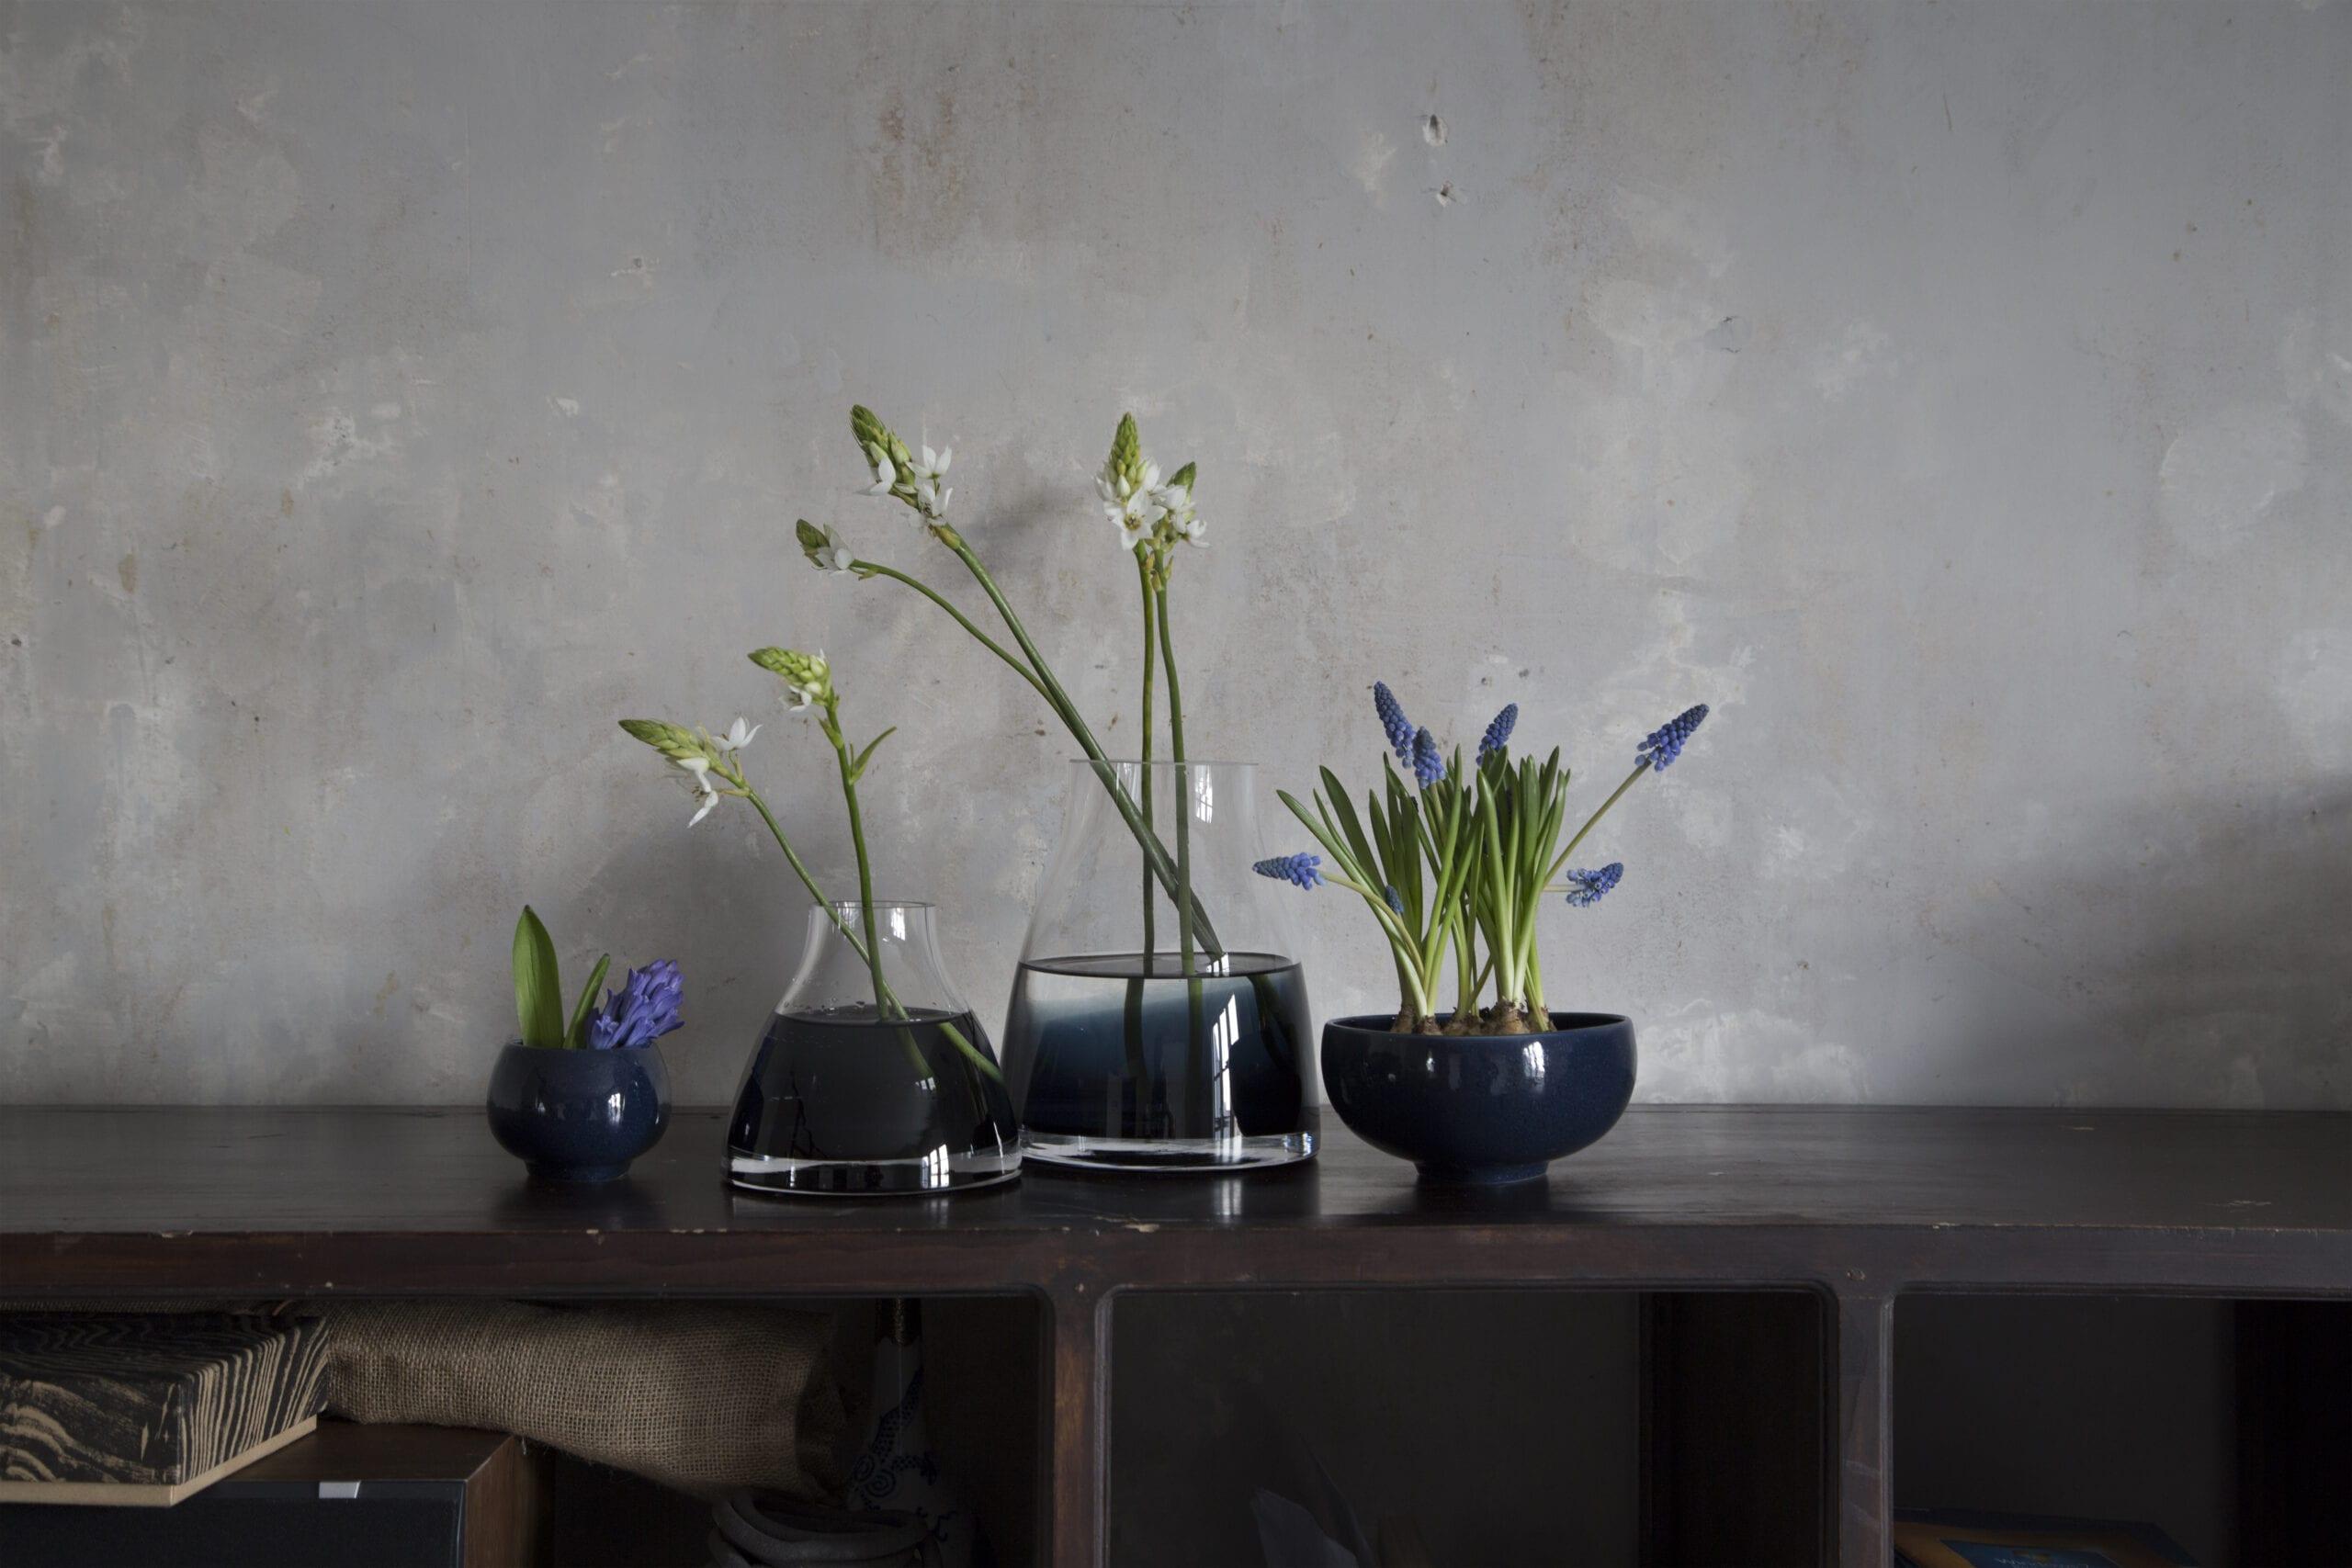 Ro collection glasvase boligtilbehør